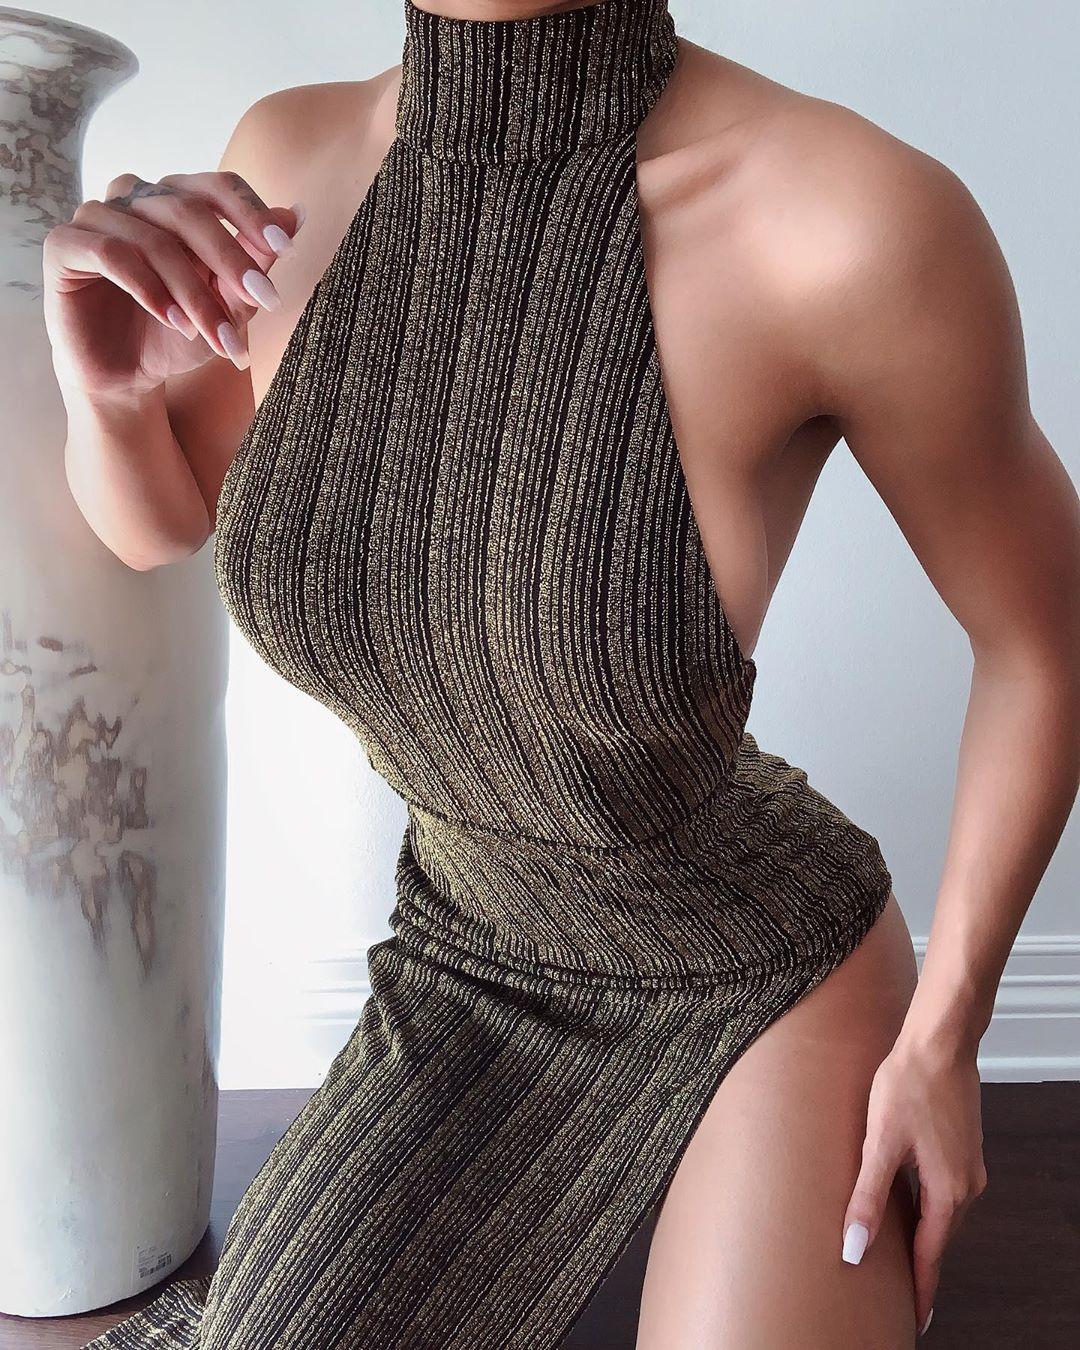 R A V A D E E   S I M dress matching dress, legs photo, fashion wear